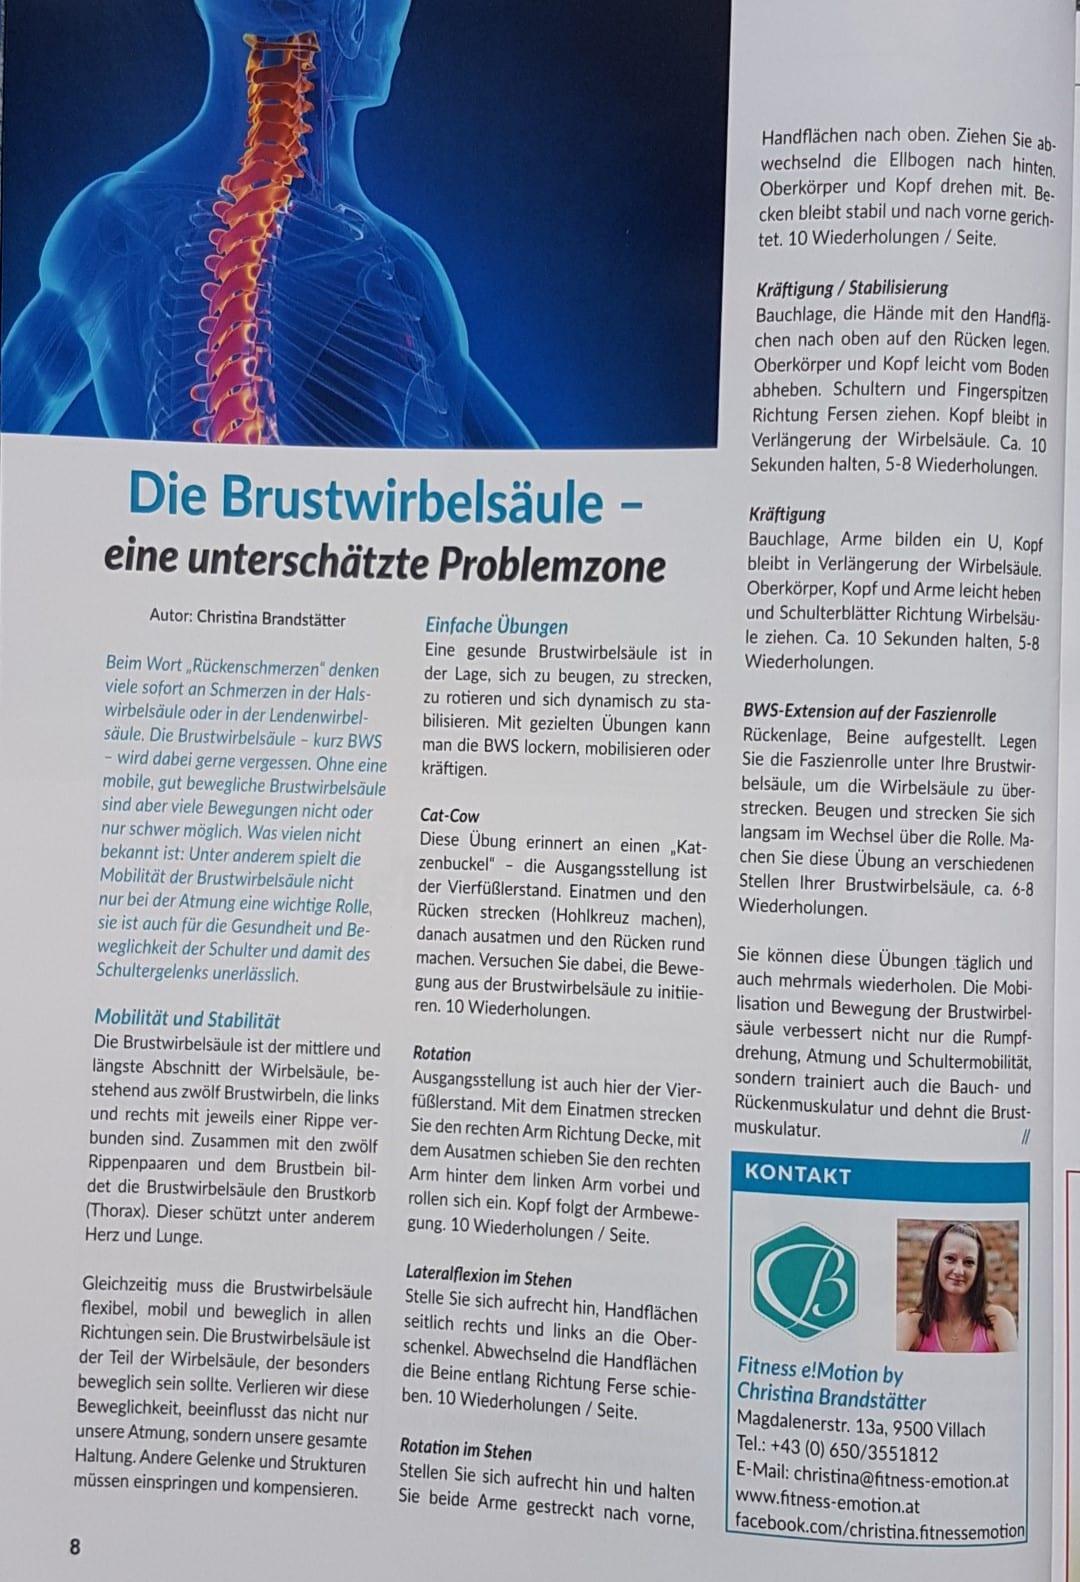 Sportmental Magazin Brustwirbelsäule unterschätzte Problemzone